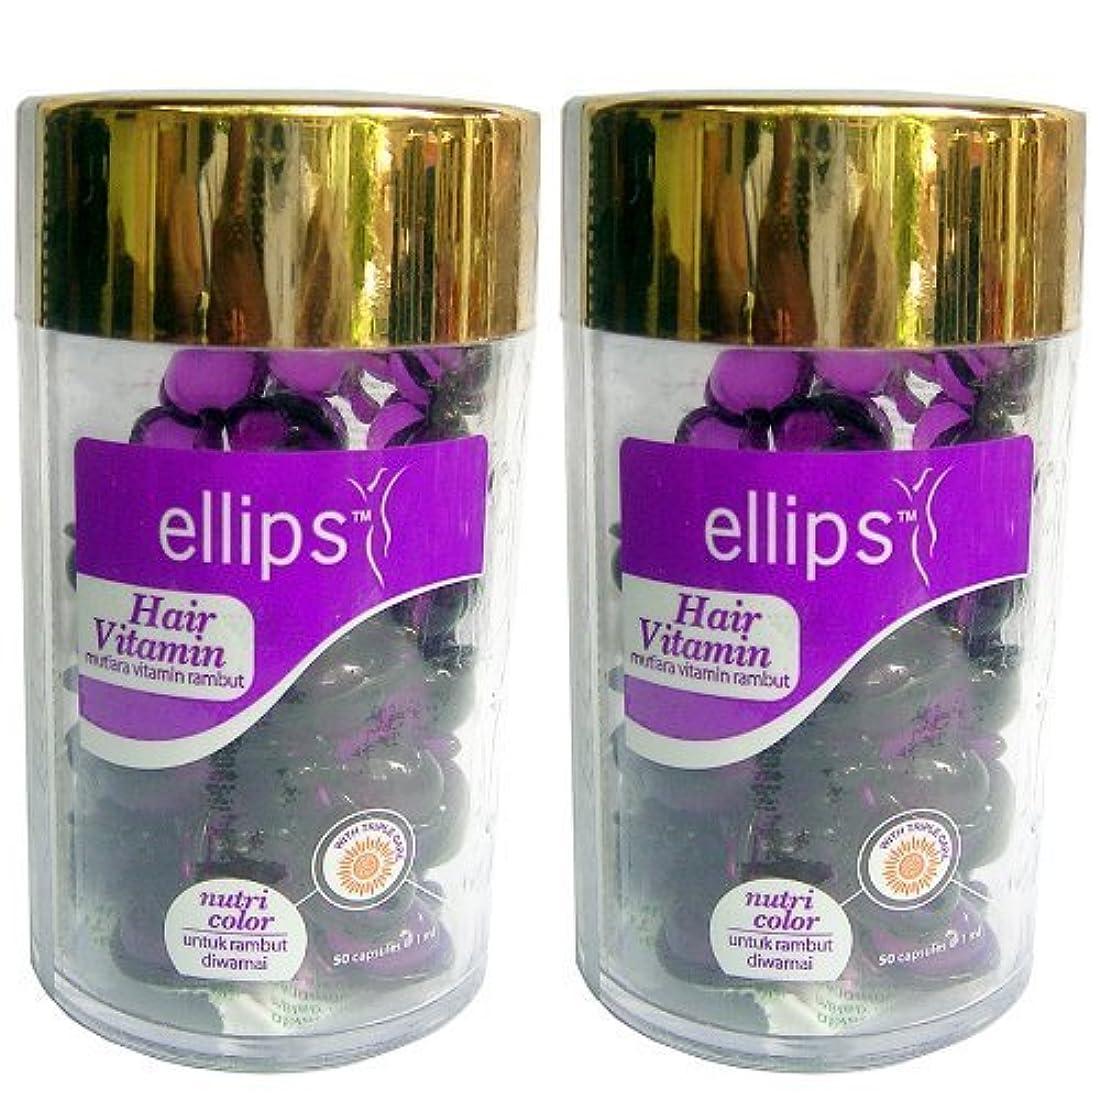 特別なタービン船乗りEllips(エリプス)ヘアビタミン(50粒入)2個セット [並行輸入品][海外直送品] パープル